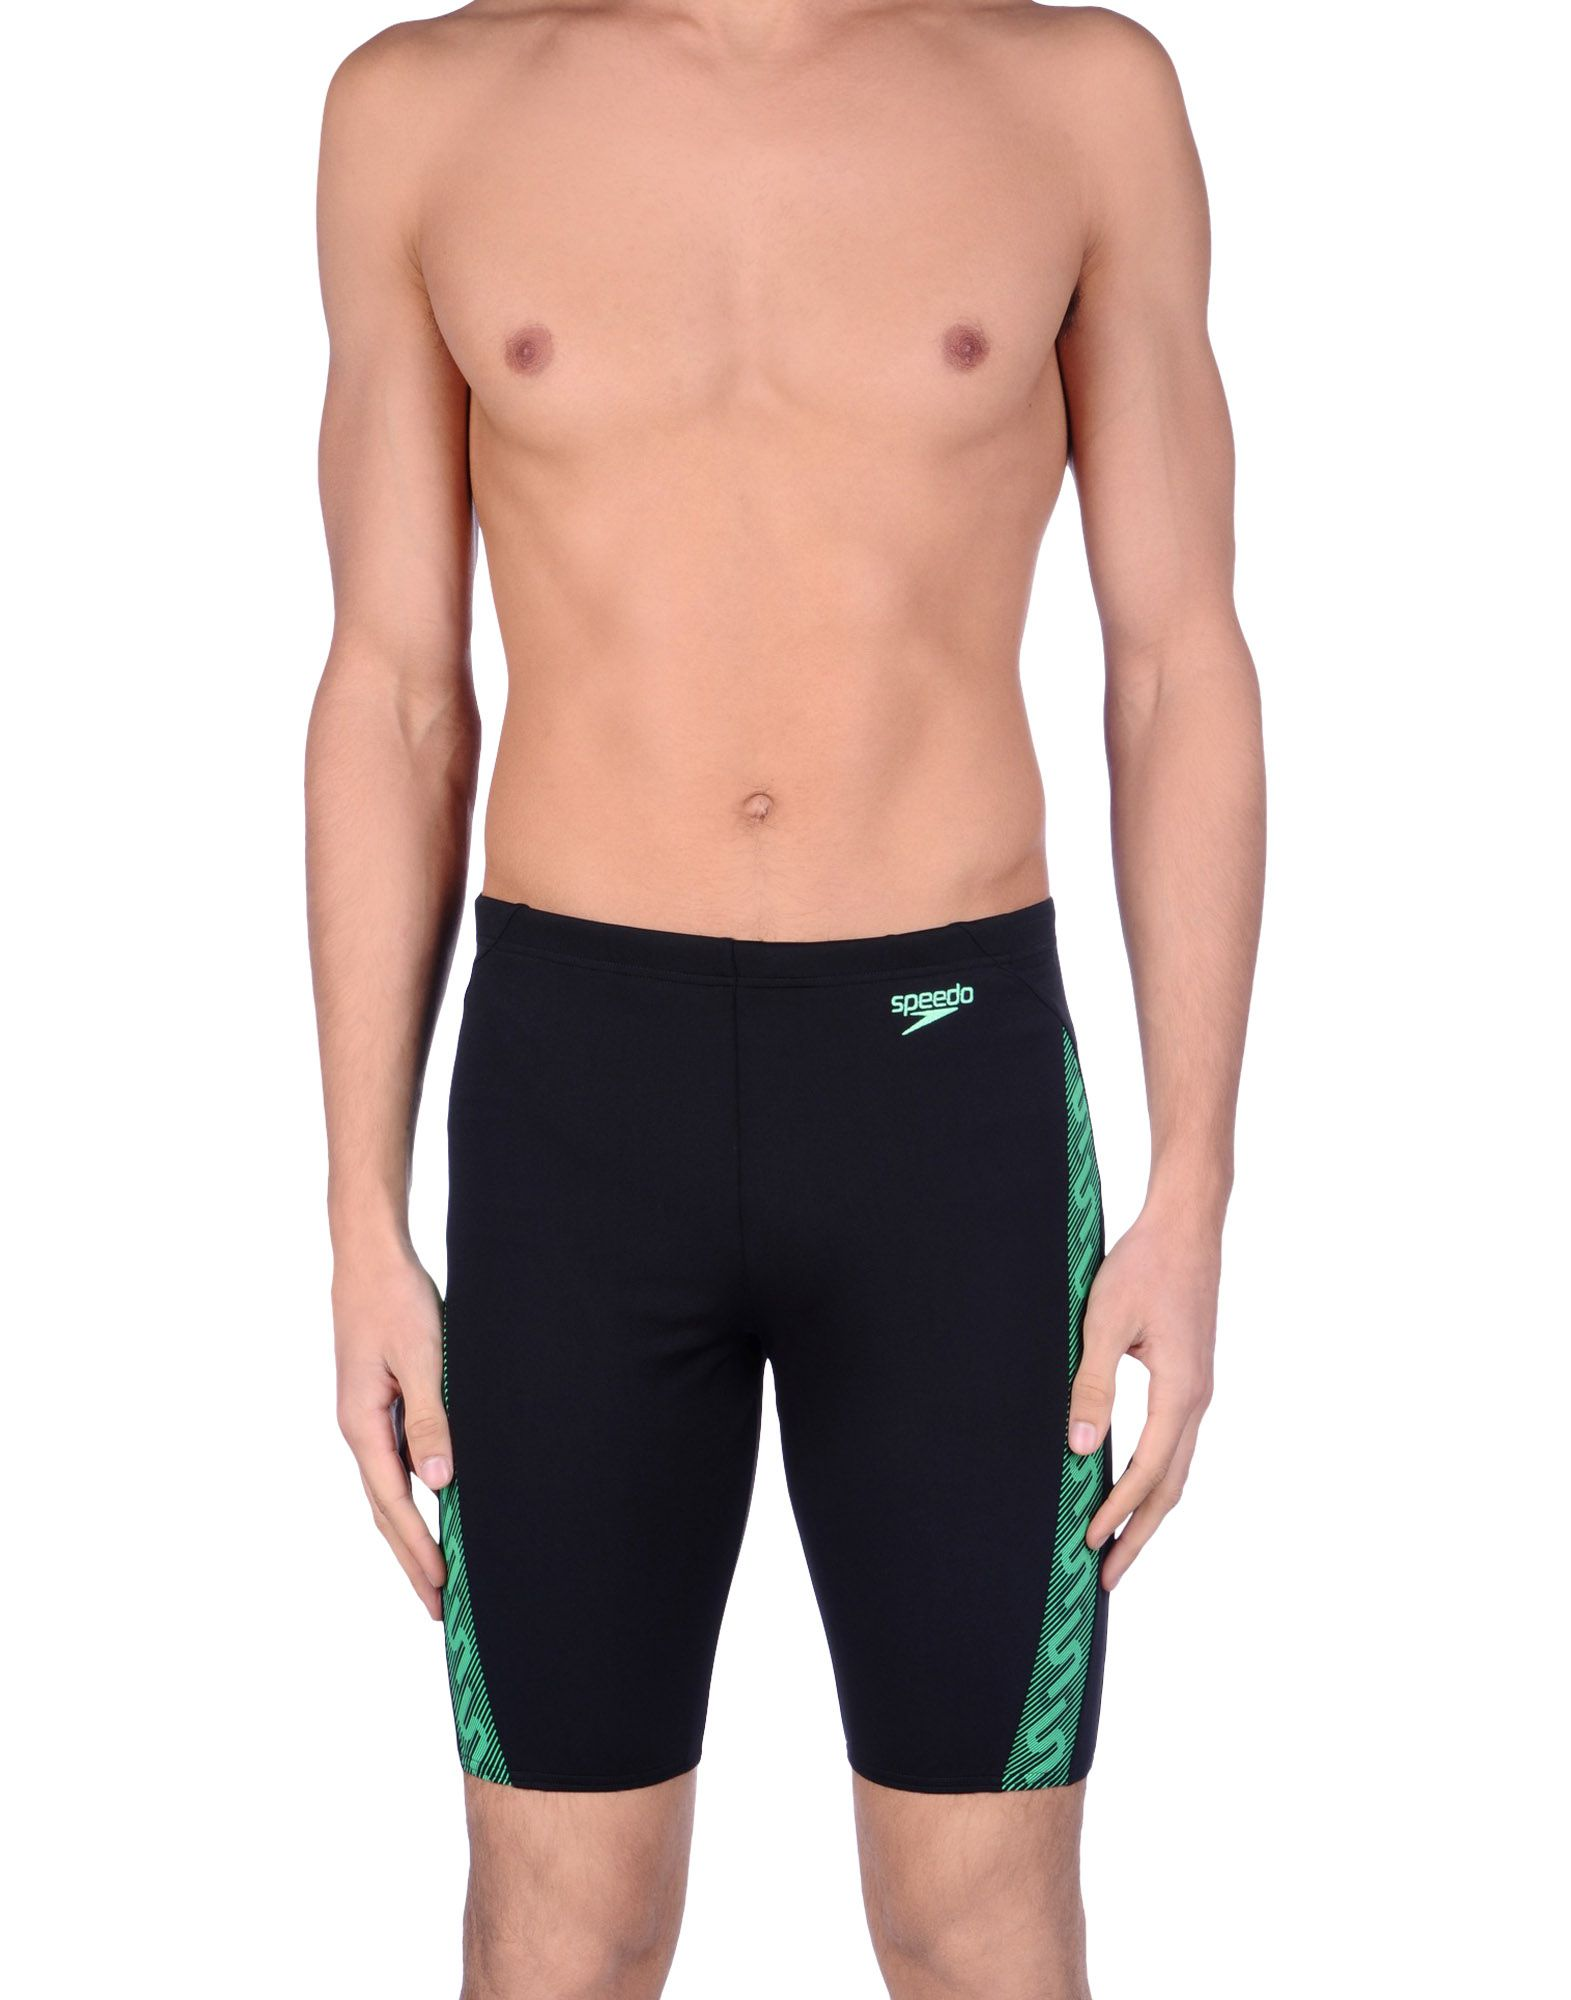 цены на SPEEDO Спортивные купальники и плавки в интернет-магазинах